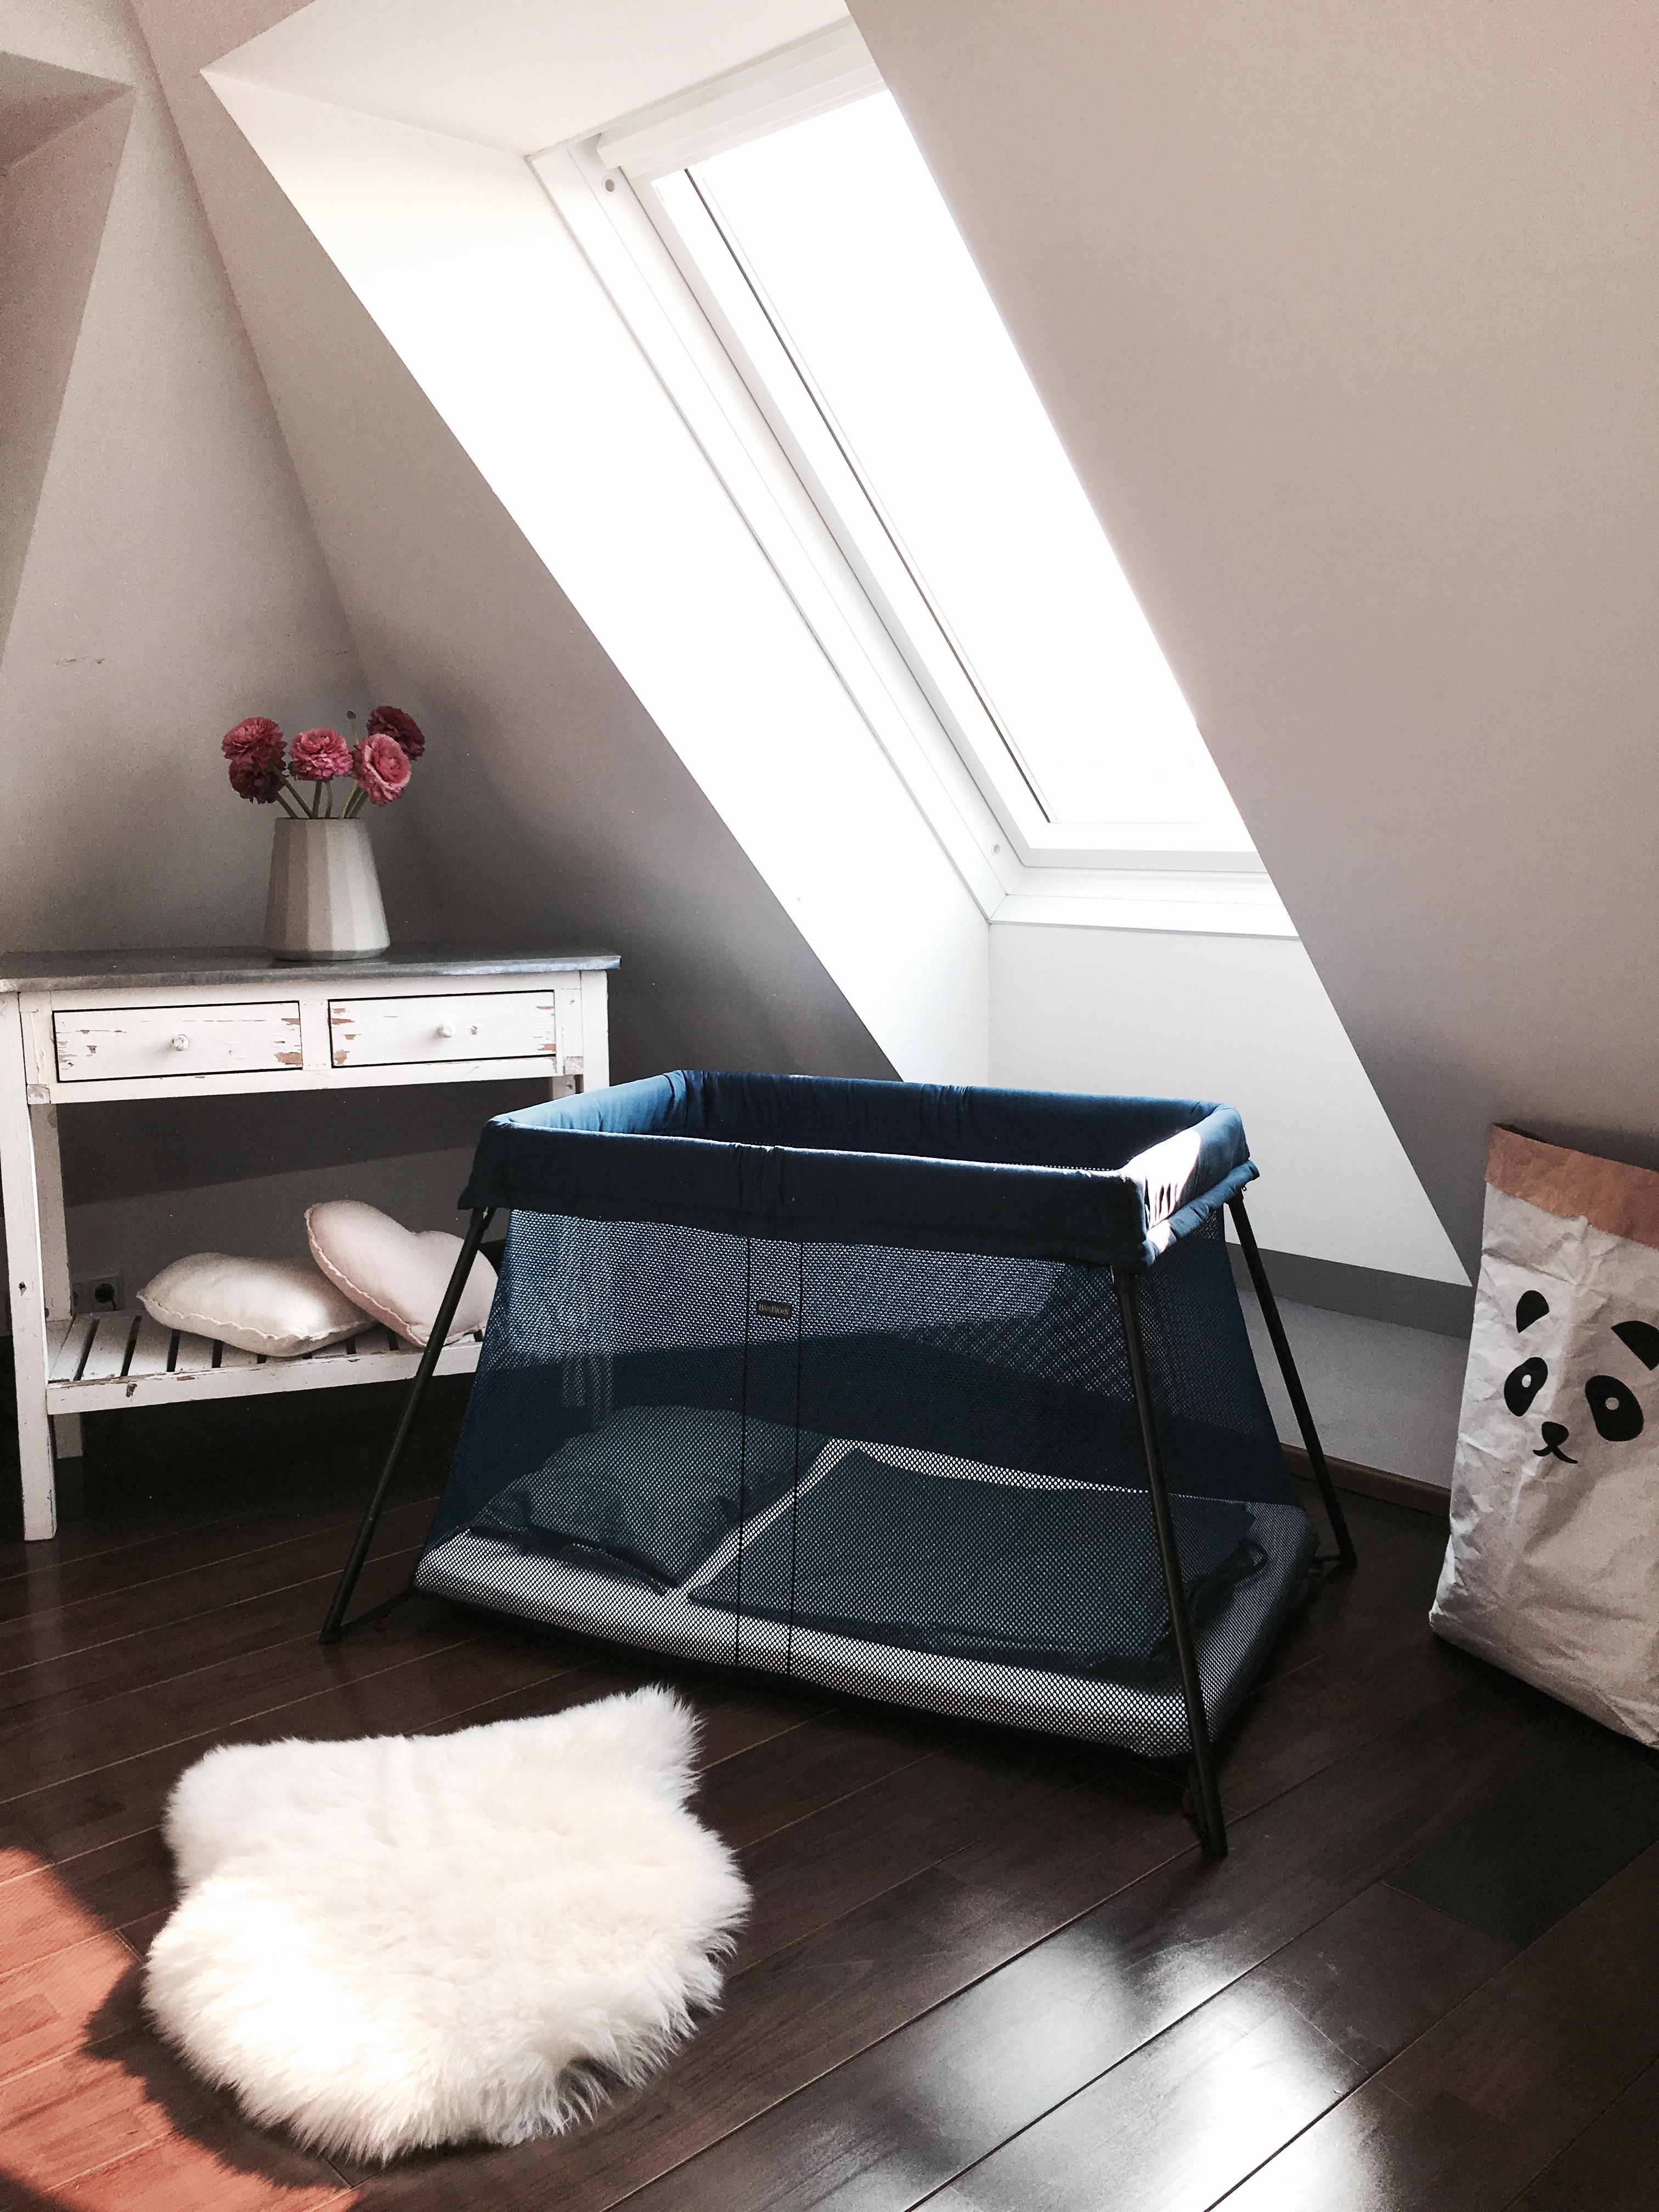 babybj rn reisebett light das perfekte babybett f r reiselustige eltern. Black Bedroom Furniture Sets. Home Design Ideas